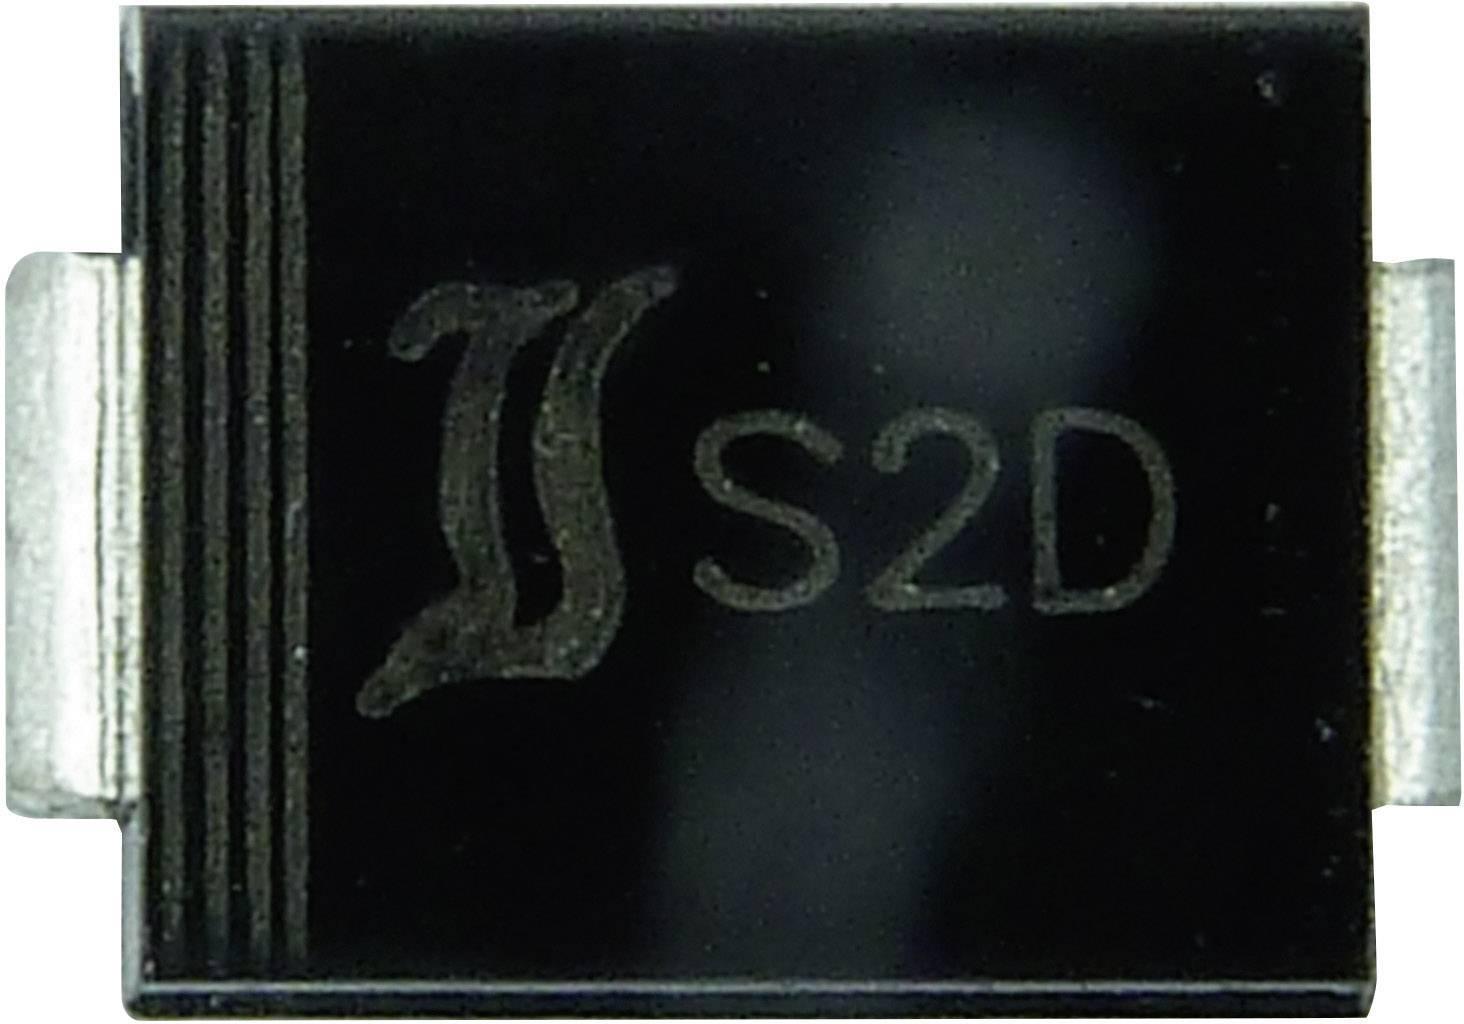 Zenerova dioda Diotec Z2SMB8.2, U(zen) 8.2 V